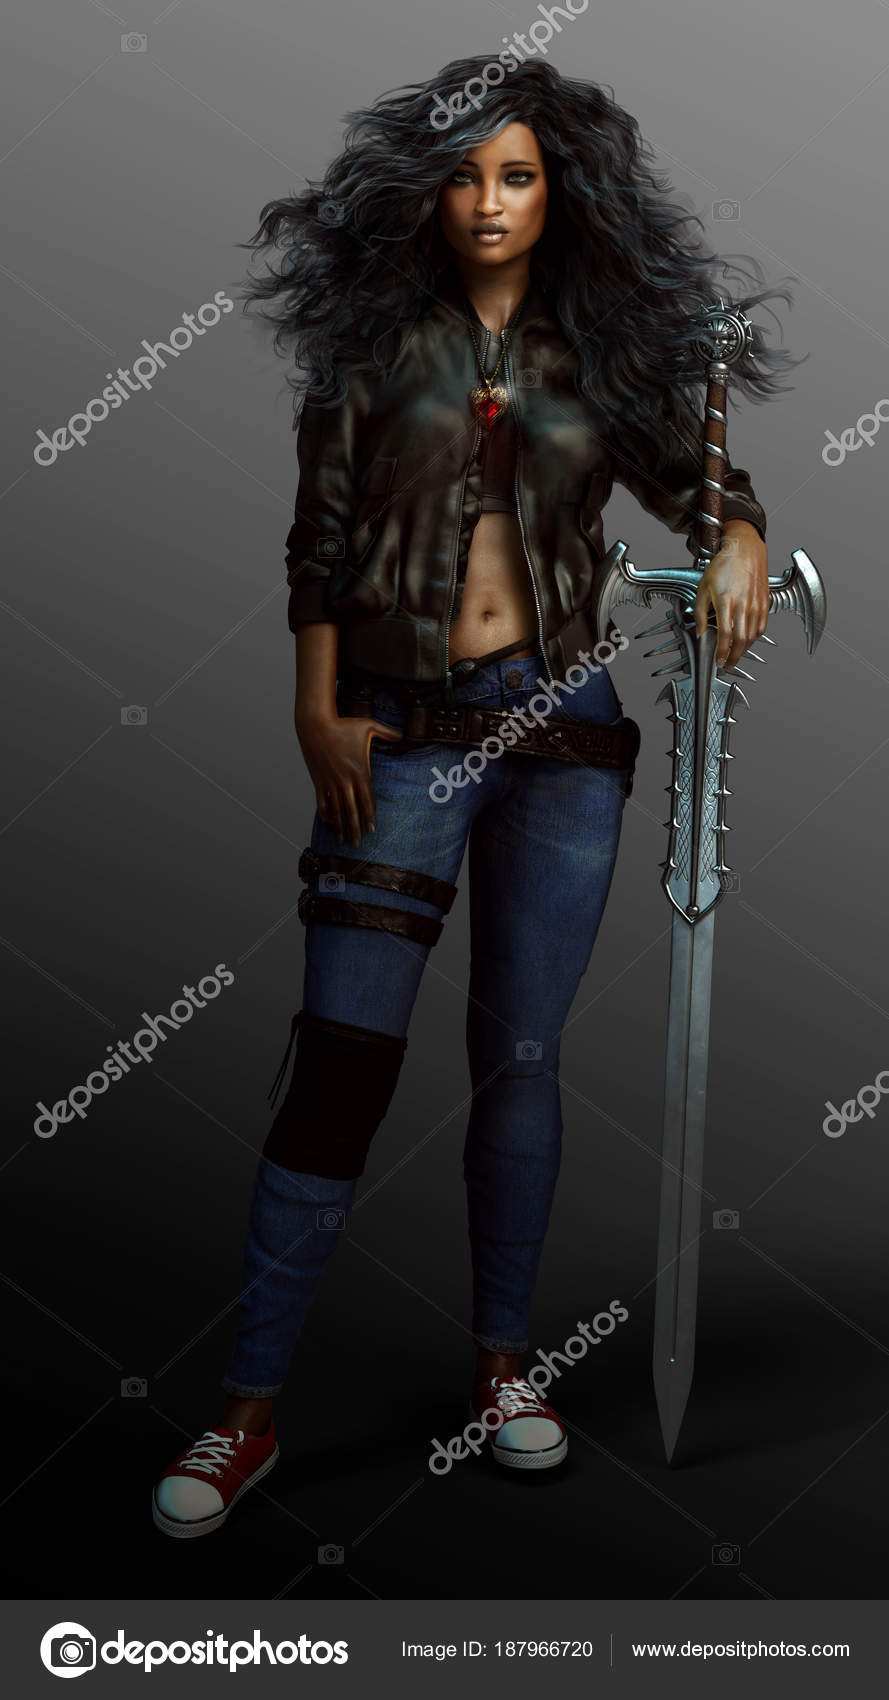 36969d8ef767e Fantasía Urbana Chica Guerrera Tiradas Con Espada — Foto de Stock